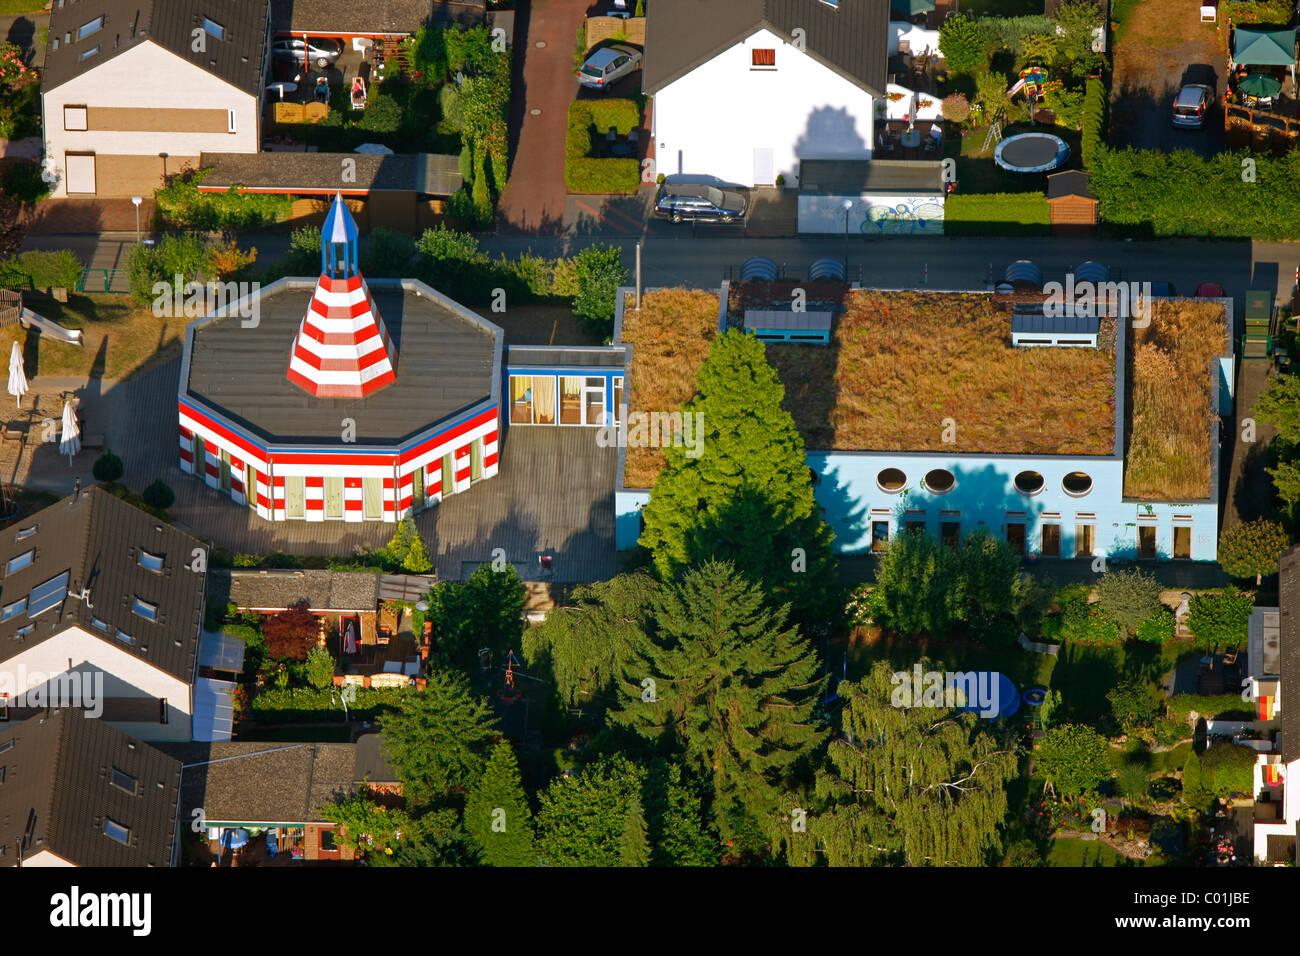 Aerial view, Kindergarten, Schwerte, Ruhrgebiet area, North Rhine-Westphalia, Germany, Europe - Stock Image